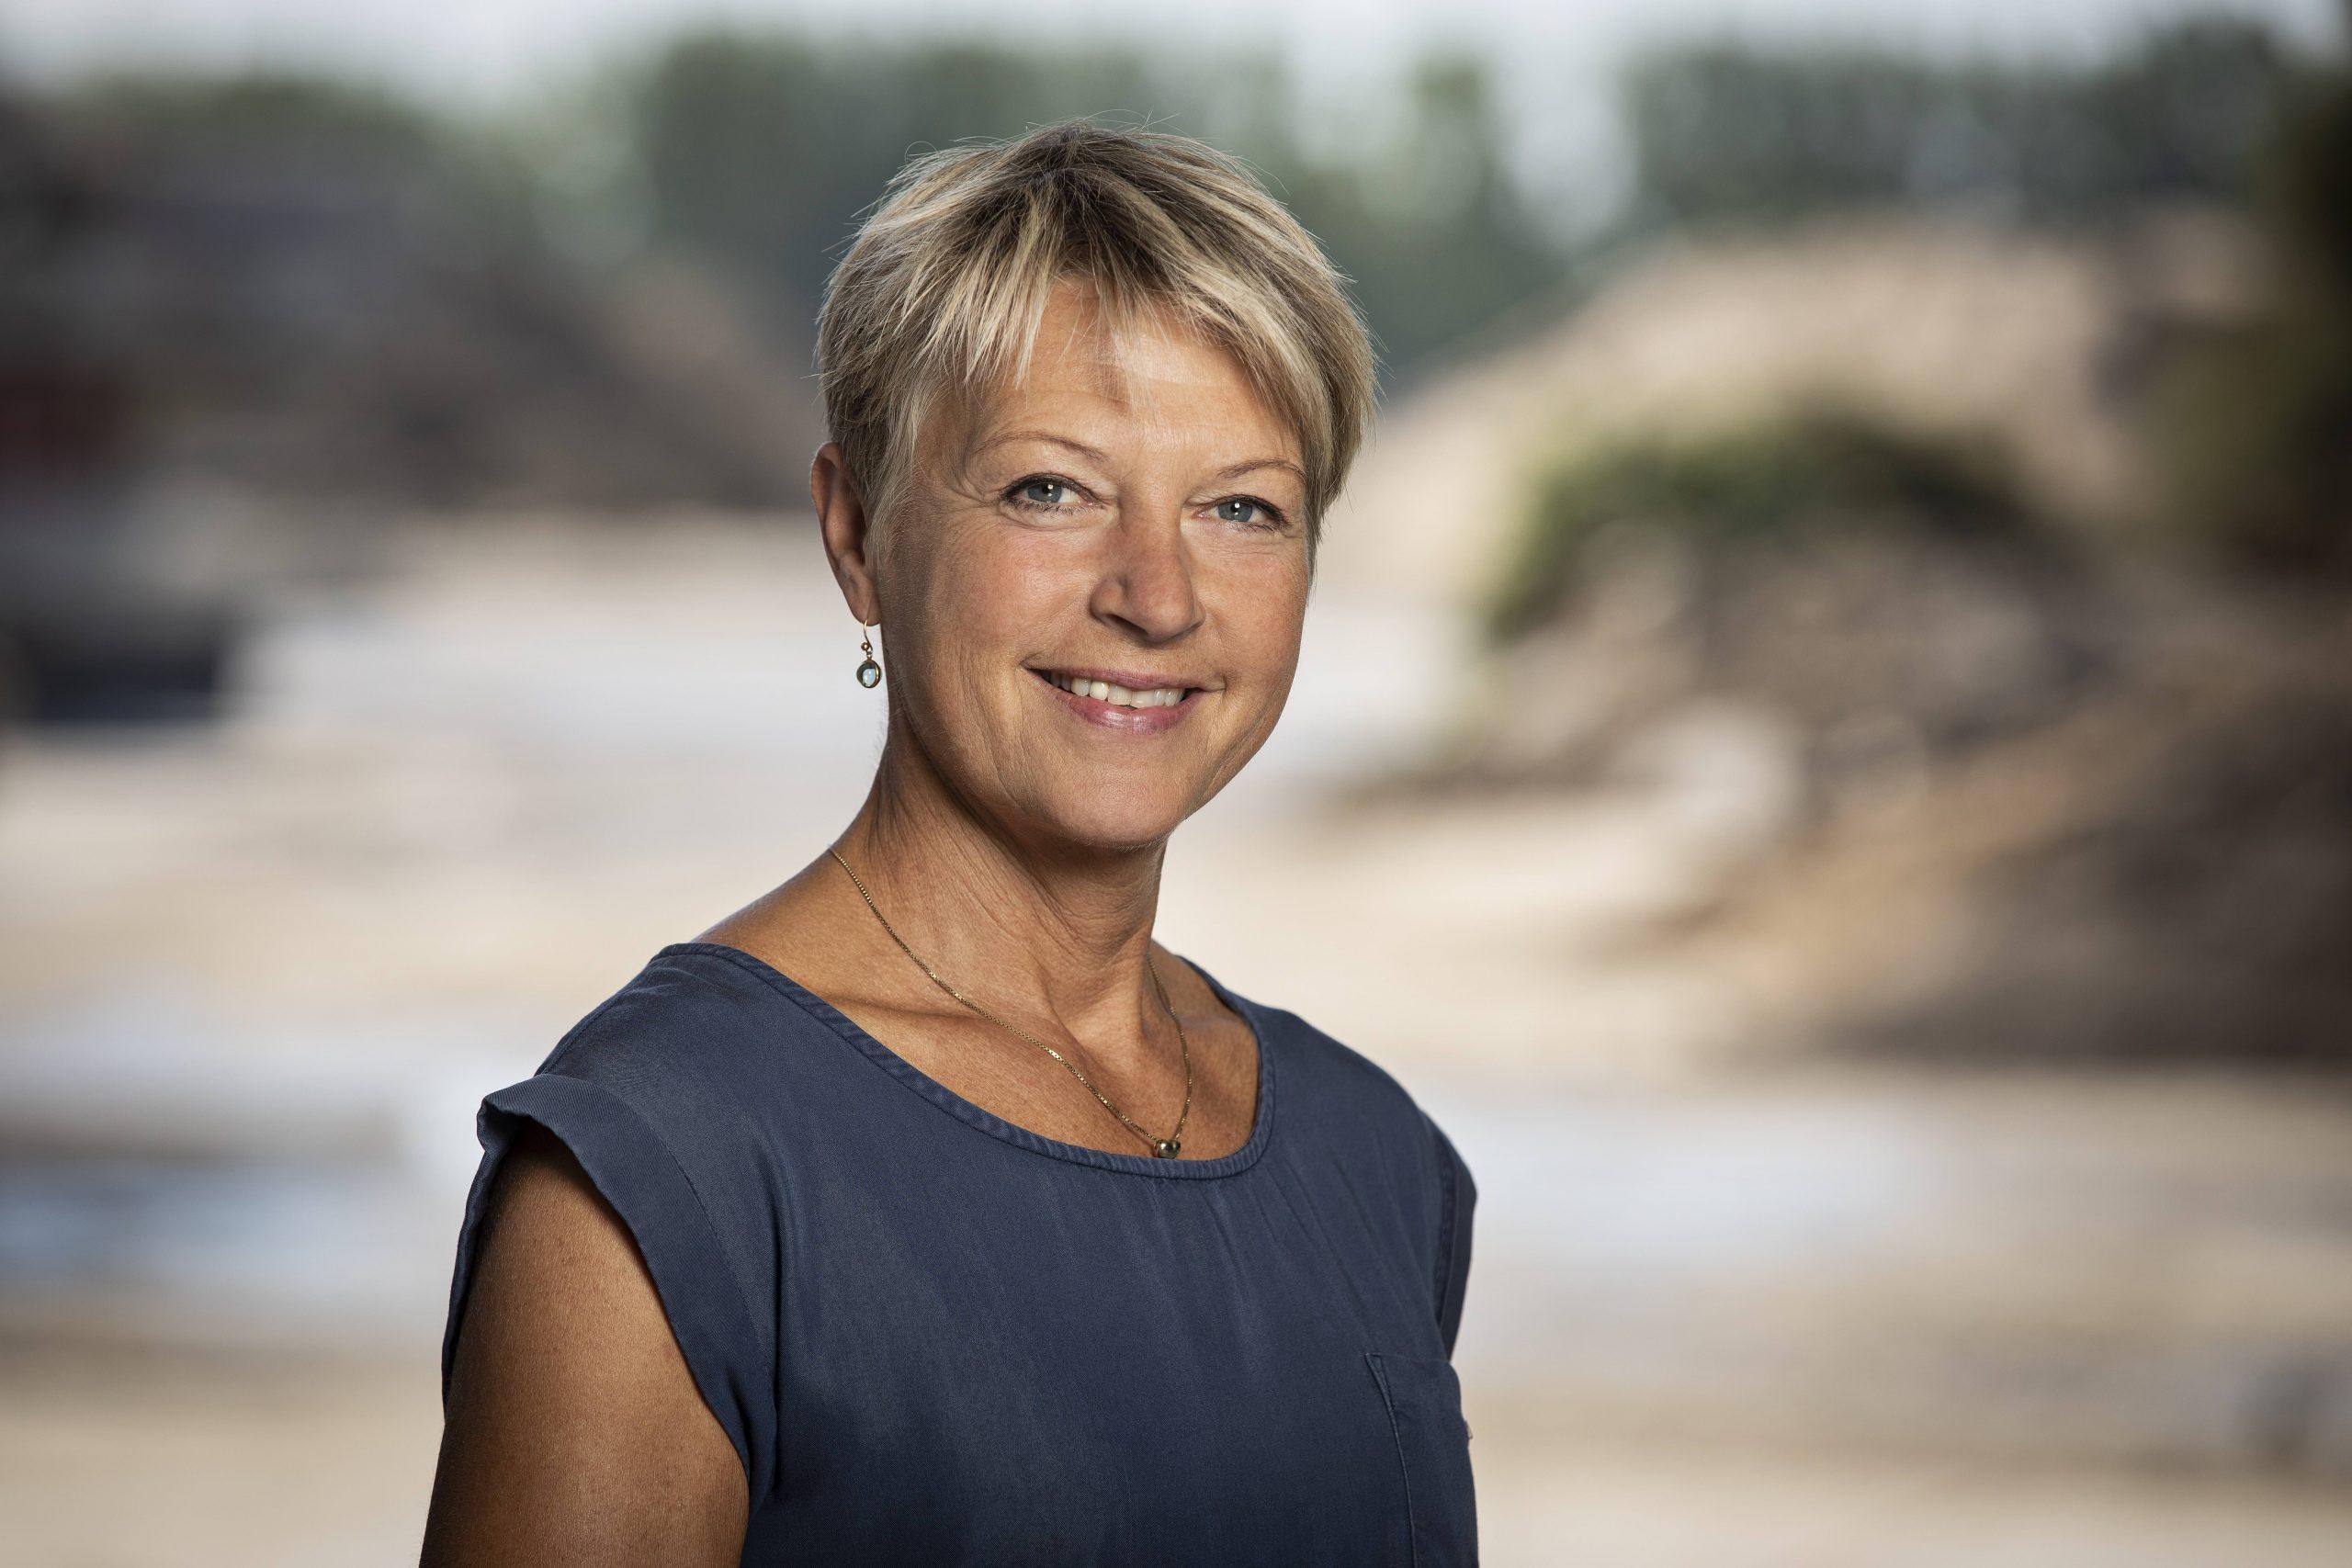 Dorthe Olsen